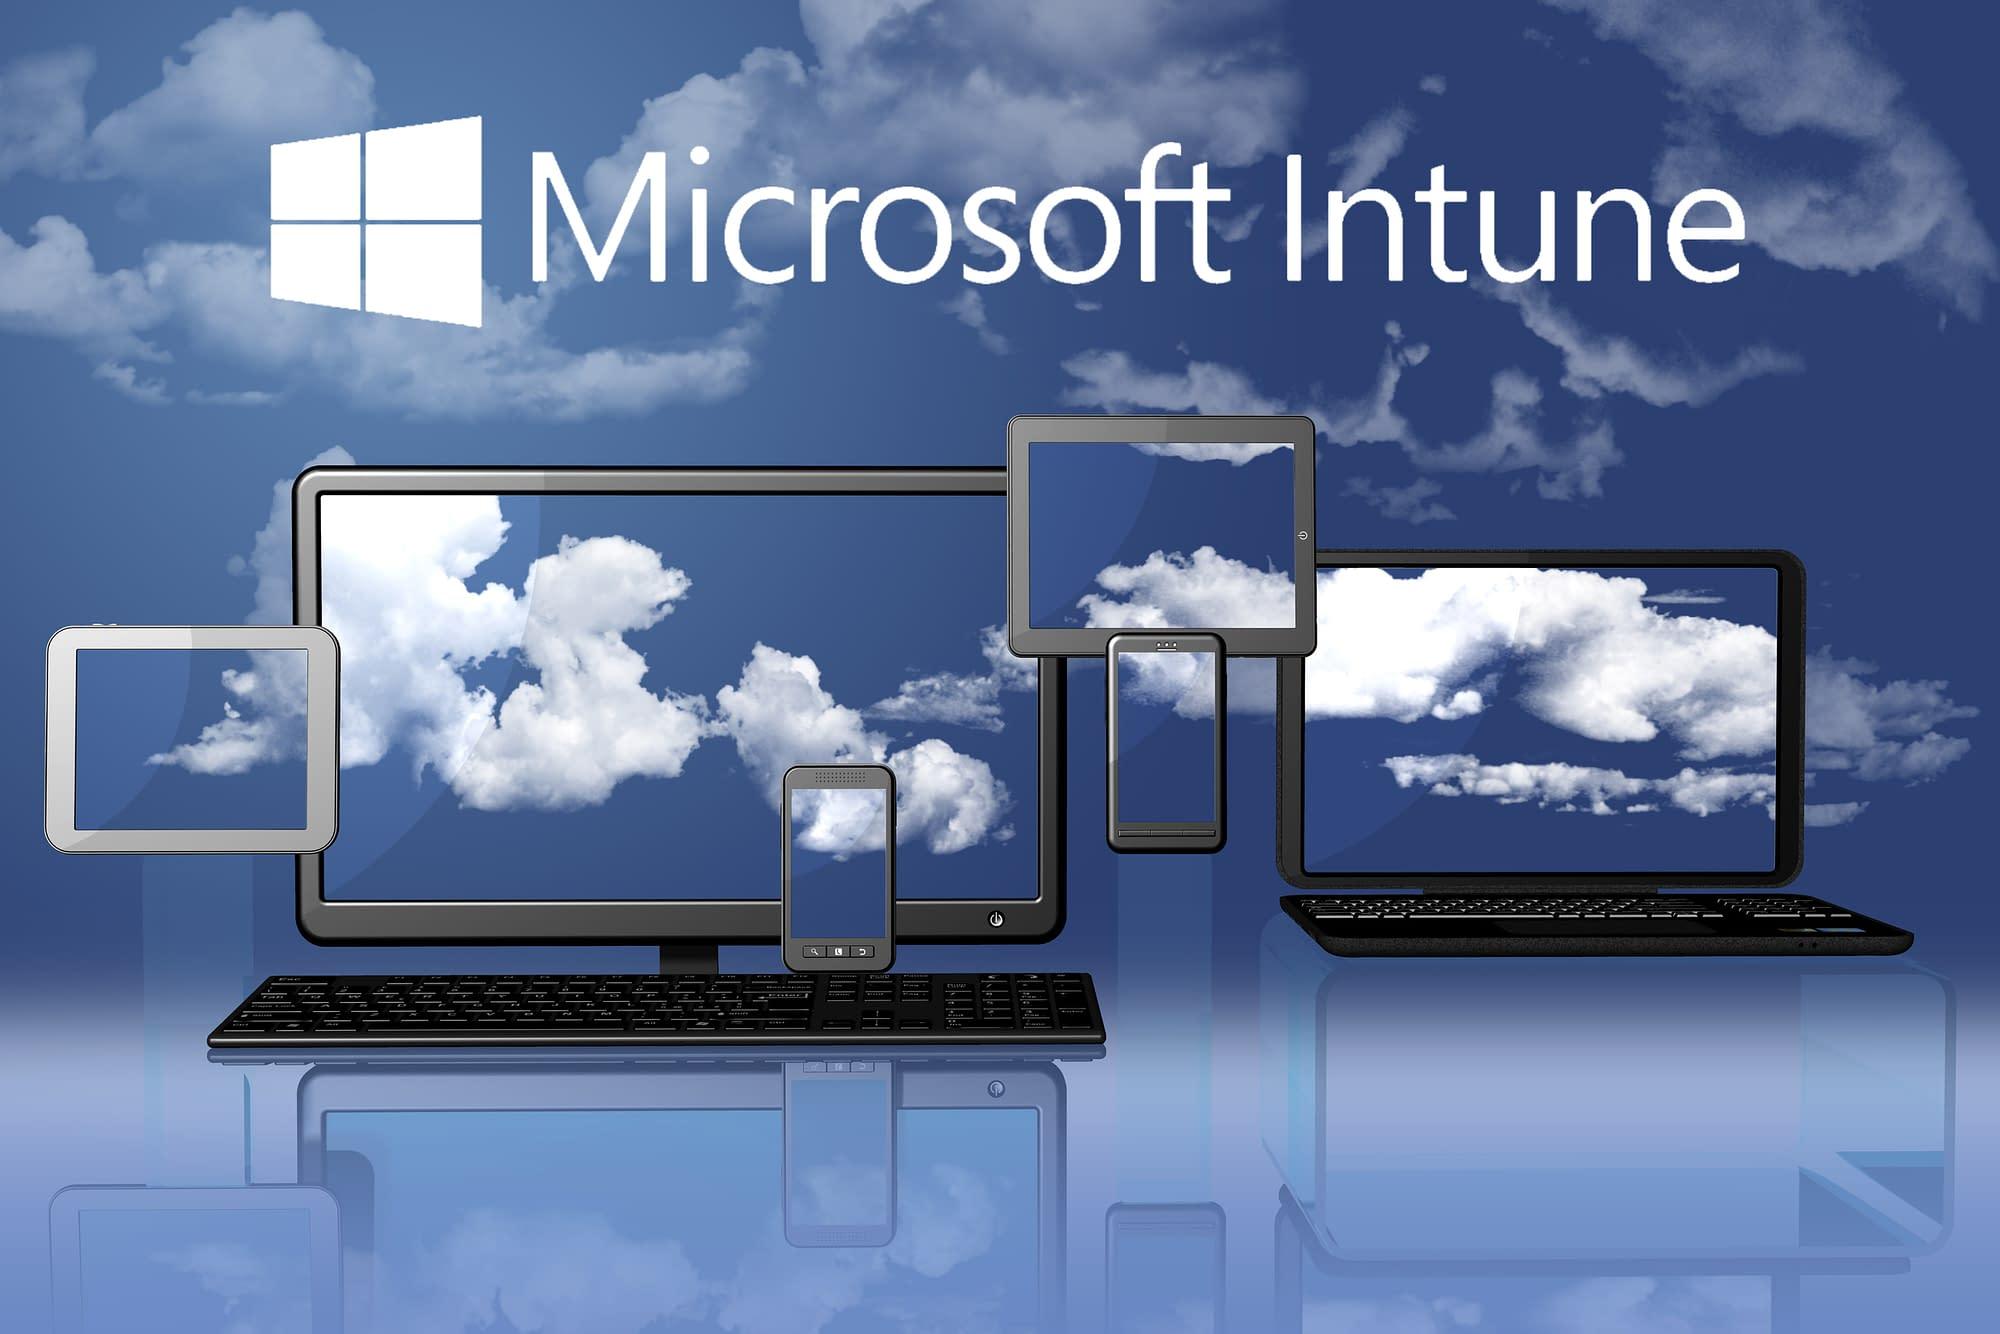 Les associés RTEAM développent leur expertise MDM avec la technologie Microsoft Intune